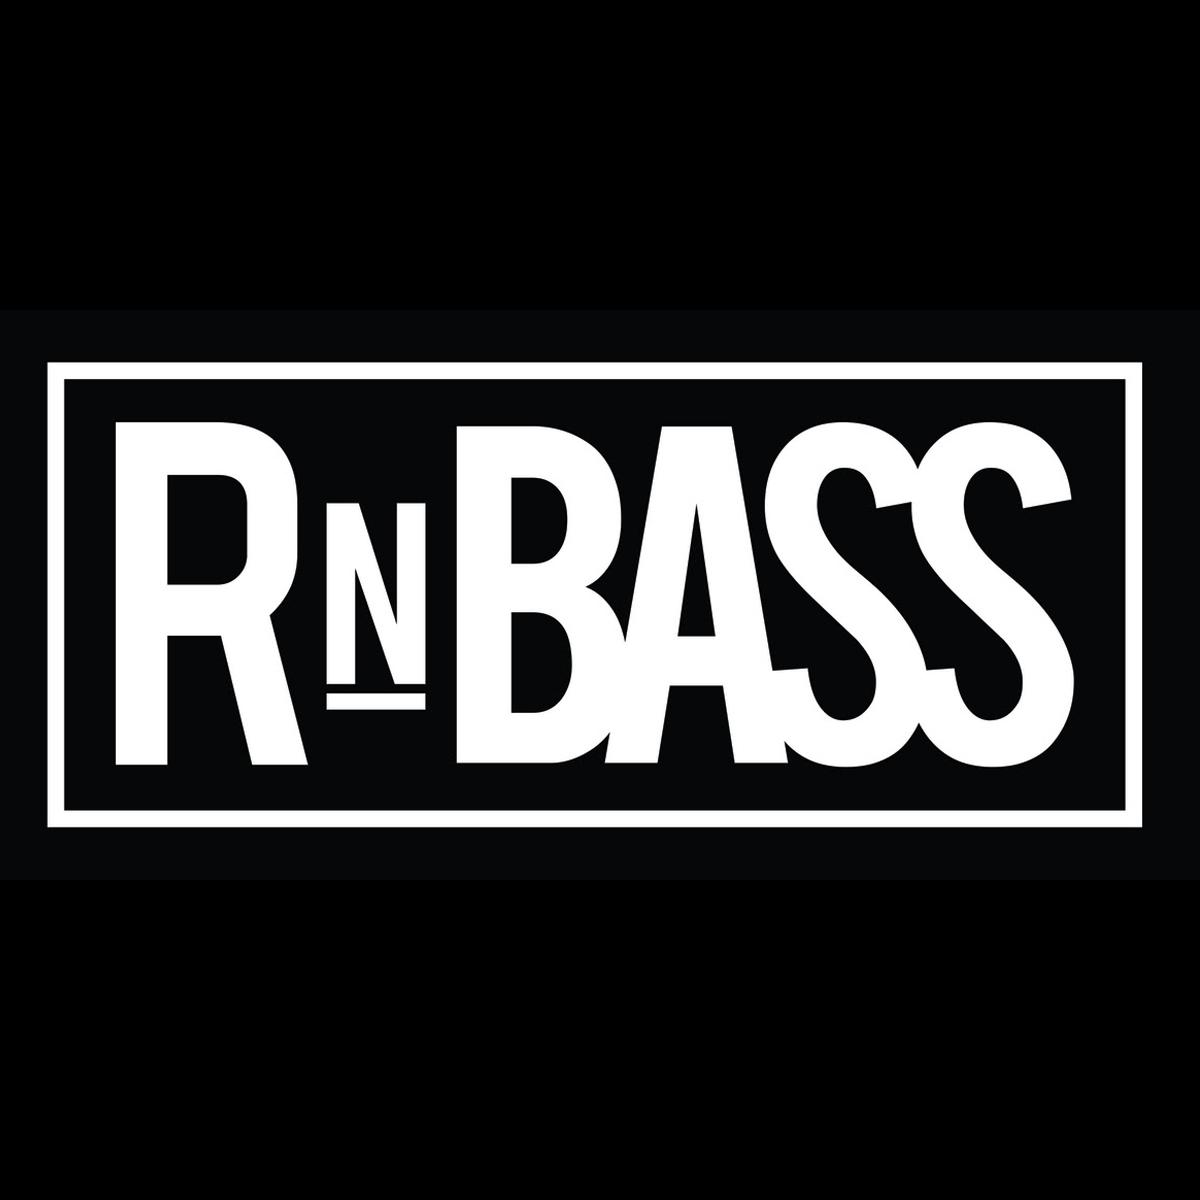 RNBASS.jpg